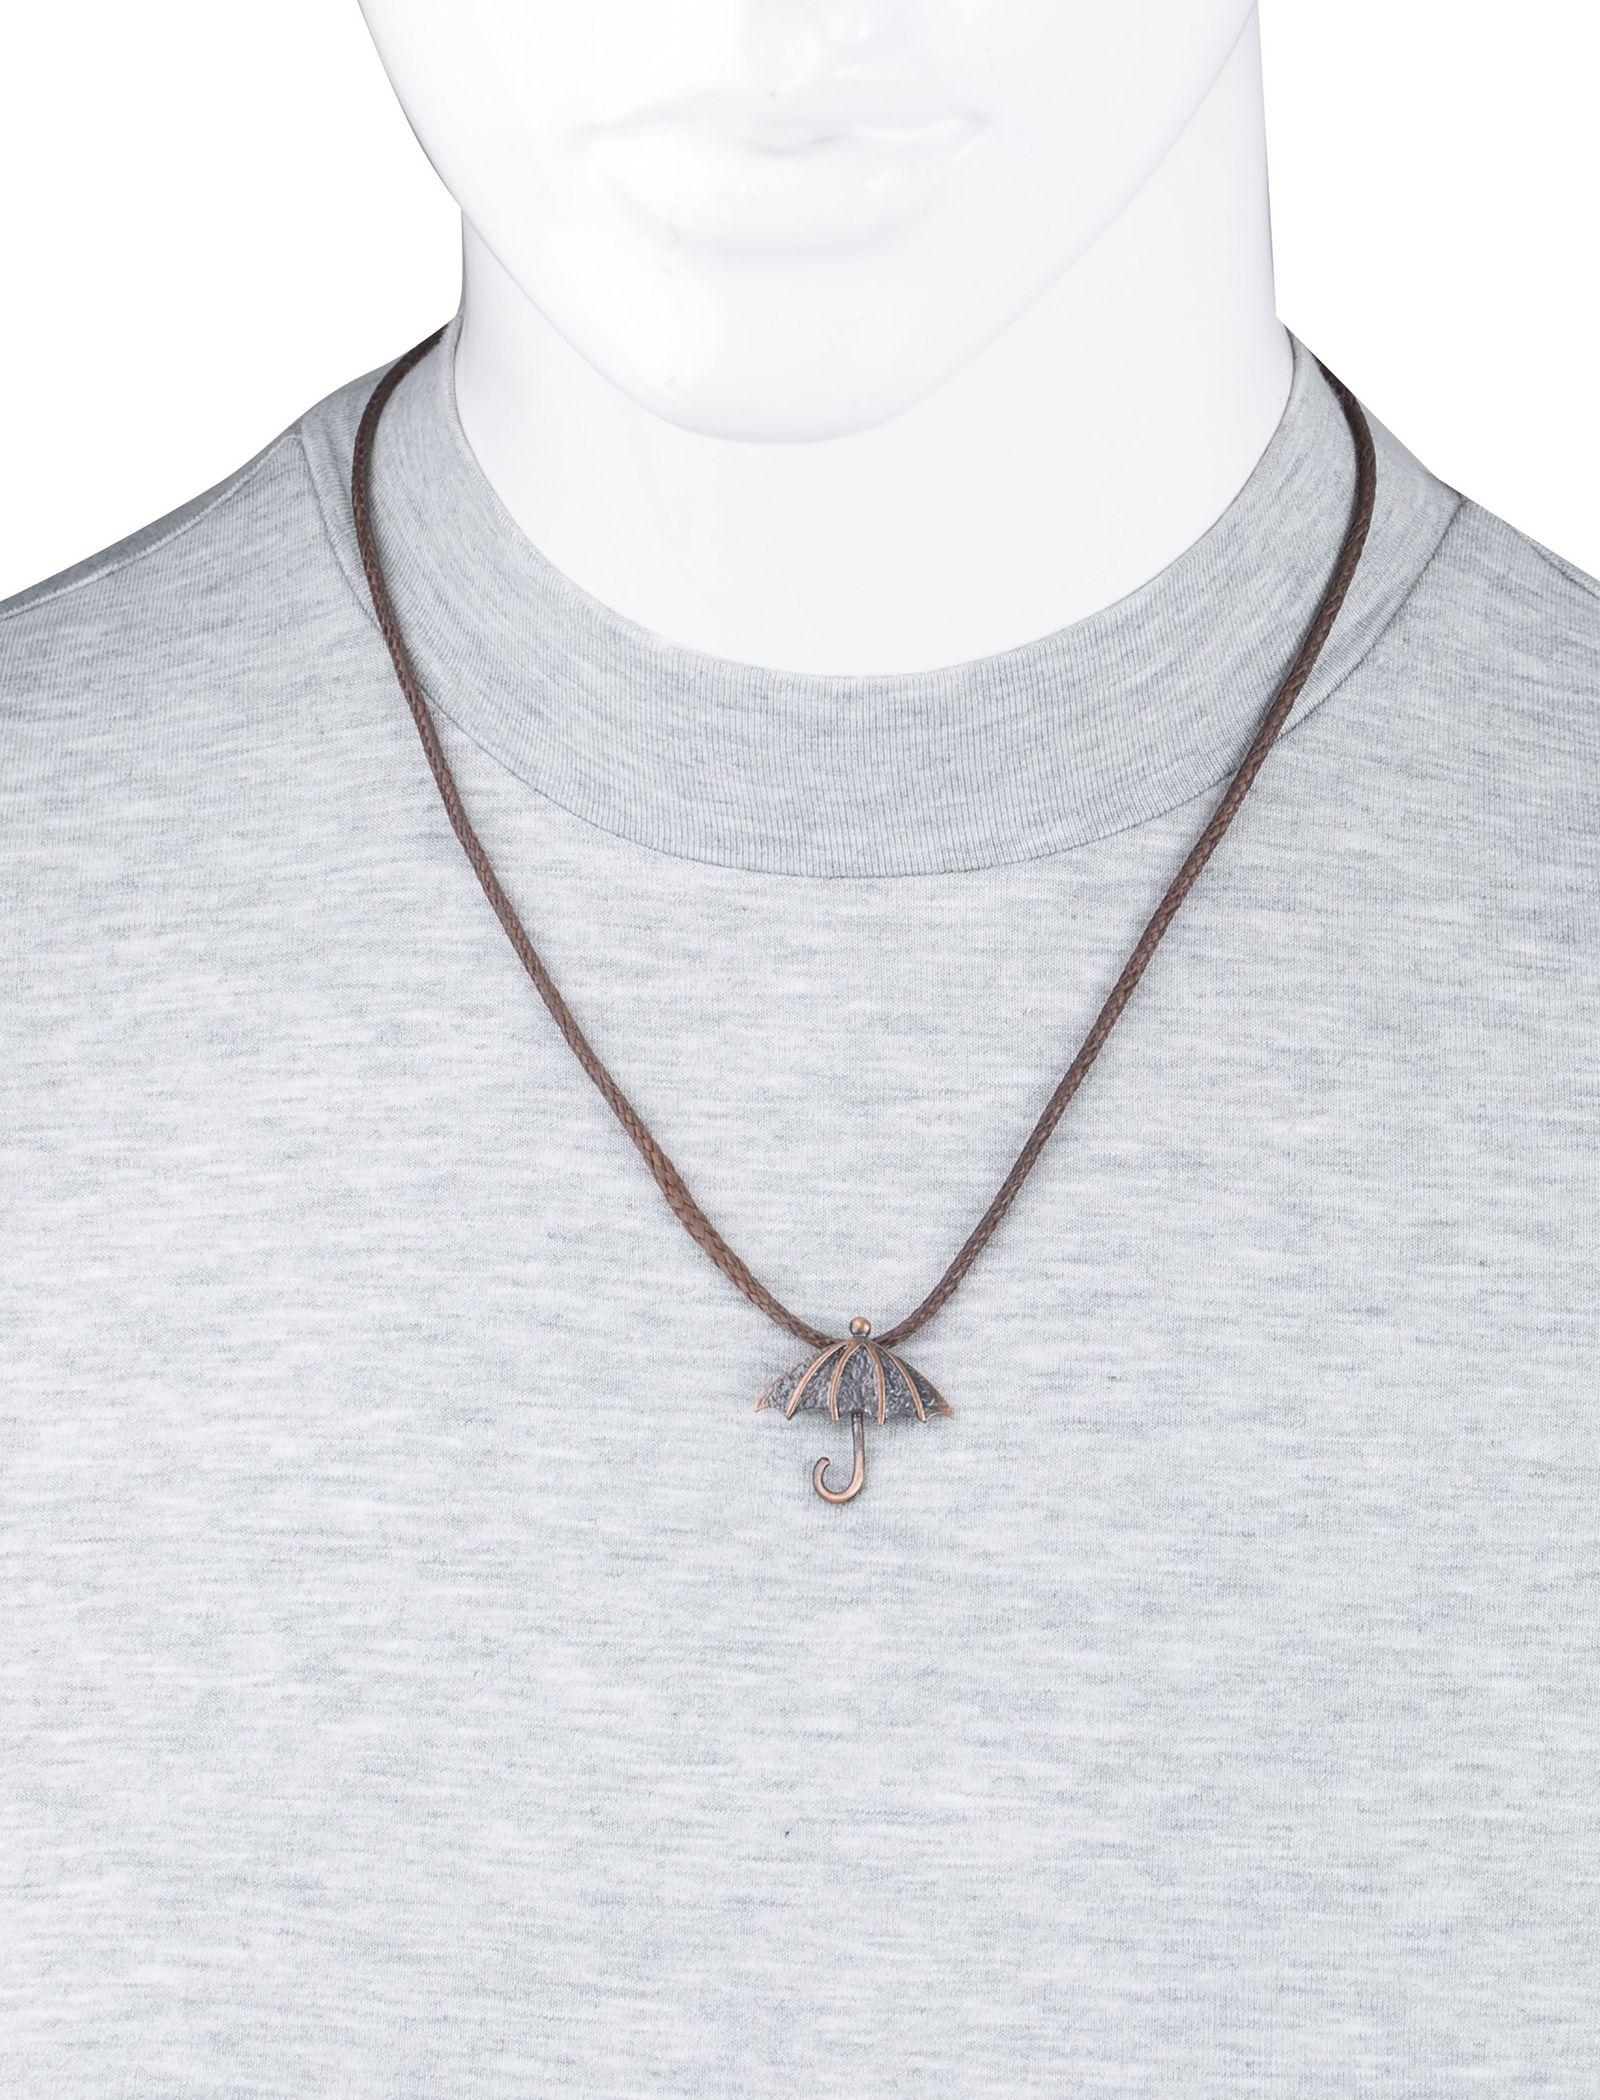 گردنبند آویز زنانه - زرمس تک سایز - قهوهاي - 4